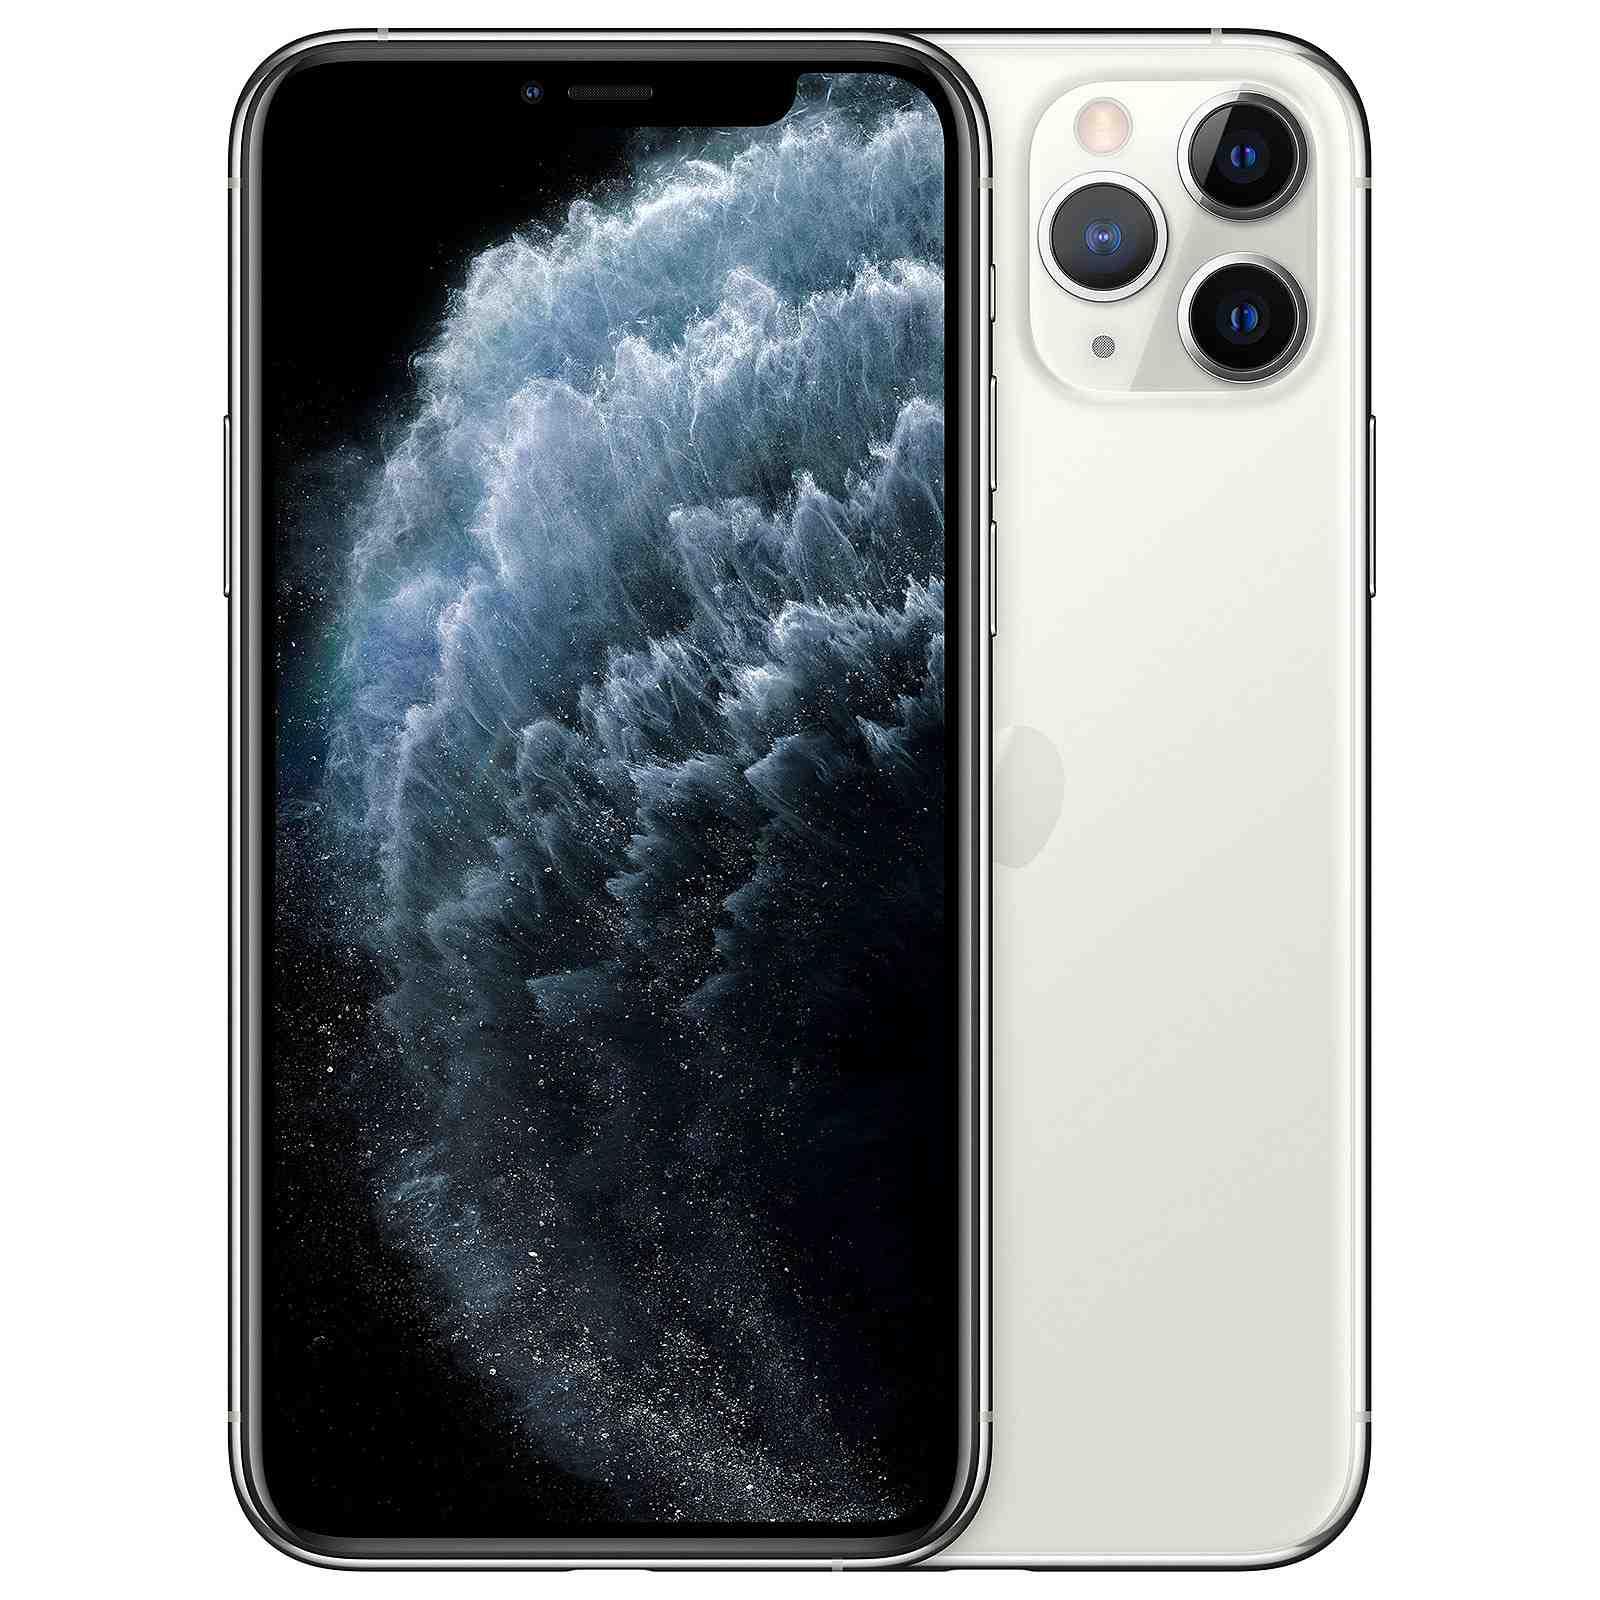 L'Iphone 11 pro max peut utiliser 2 cartes SIM